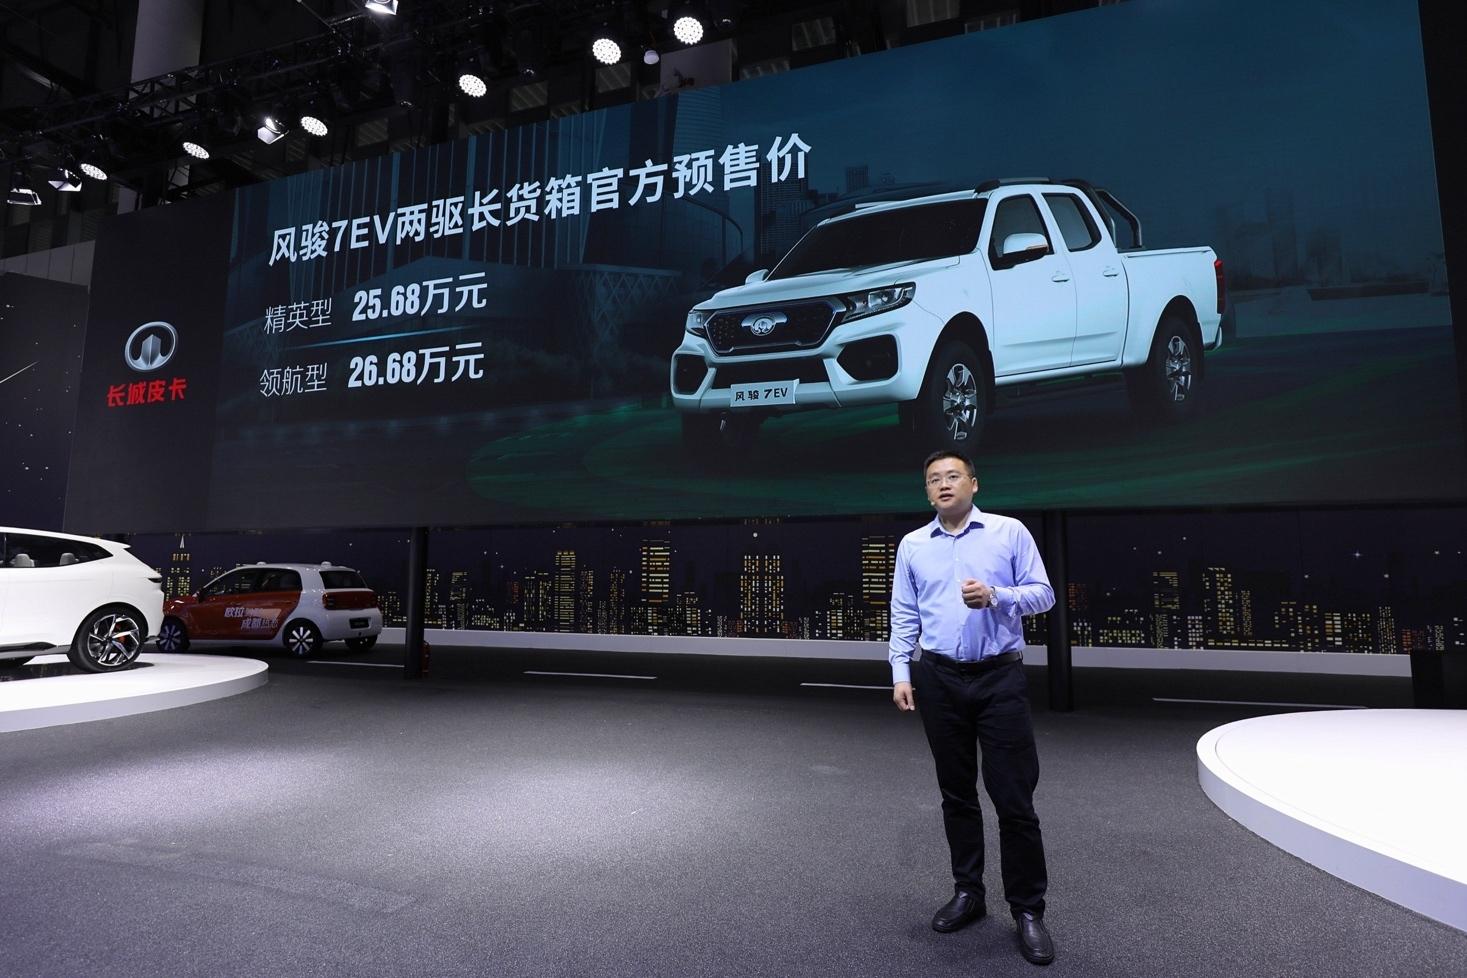 """长城皮卡""""清洁化""""加速 风骏7 EV 25.68万元开启预售"""